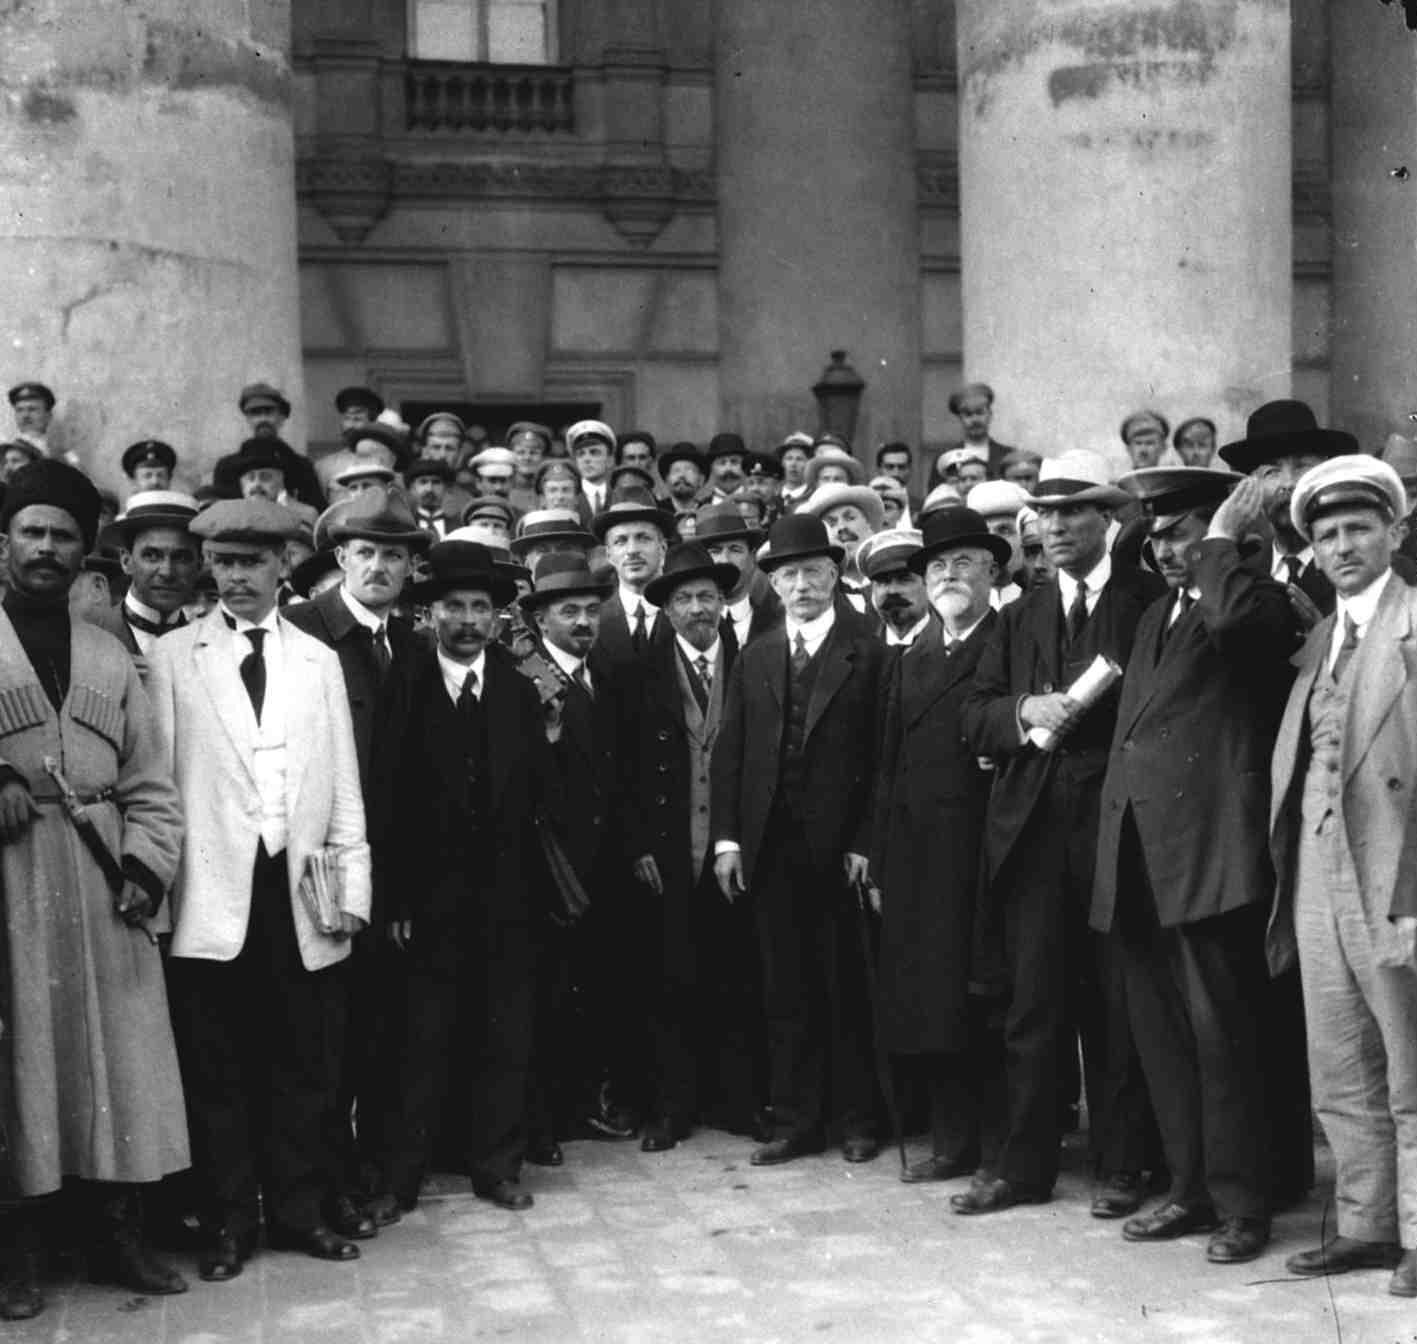 Август. Группа участников Государственного совещания у здания Большого театра